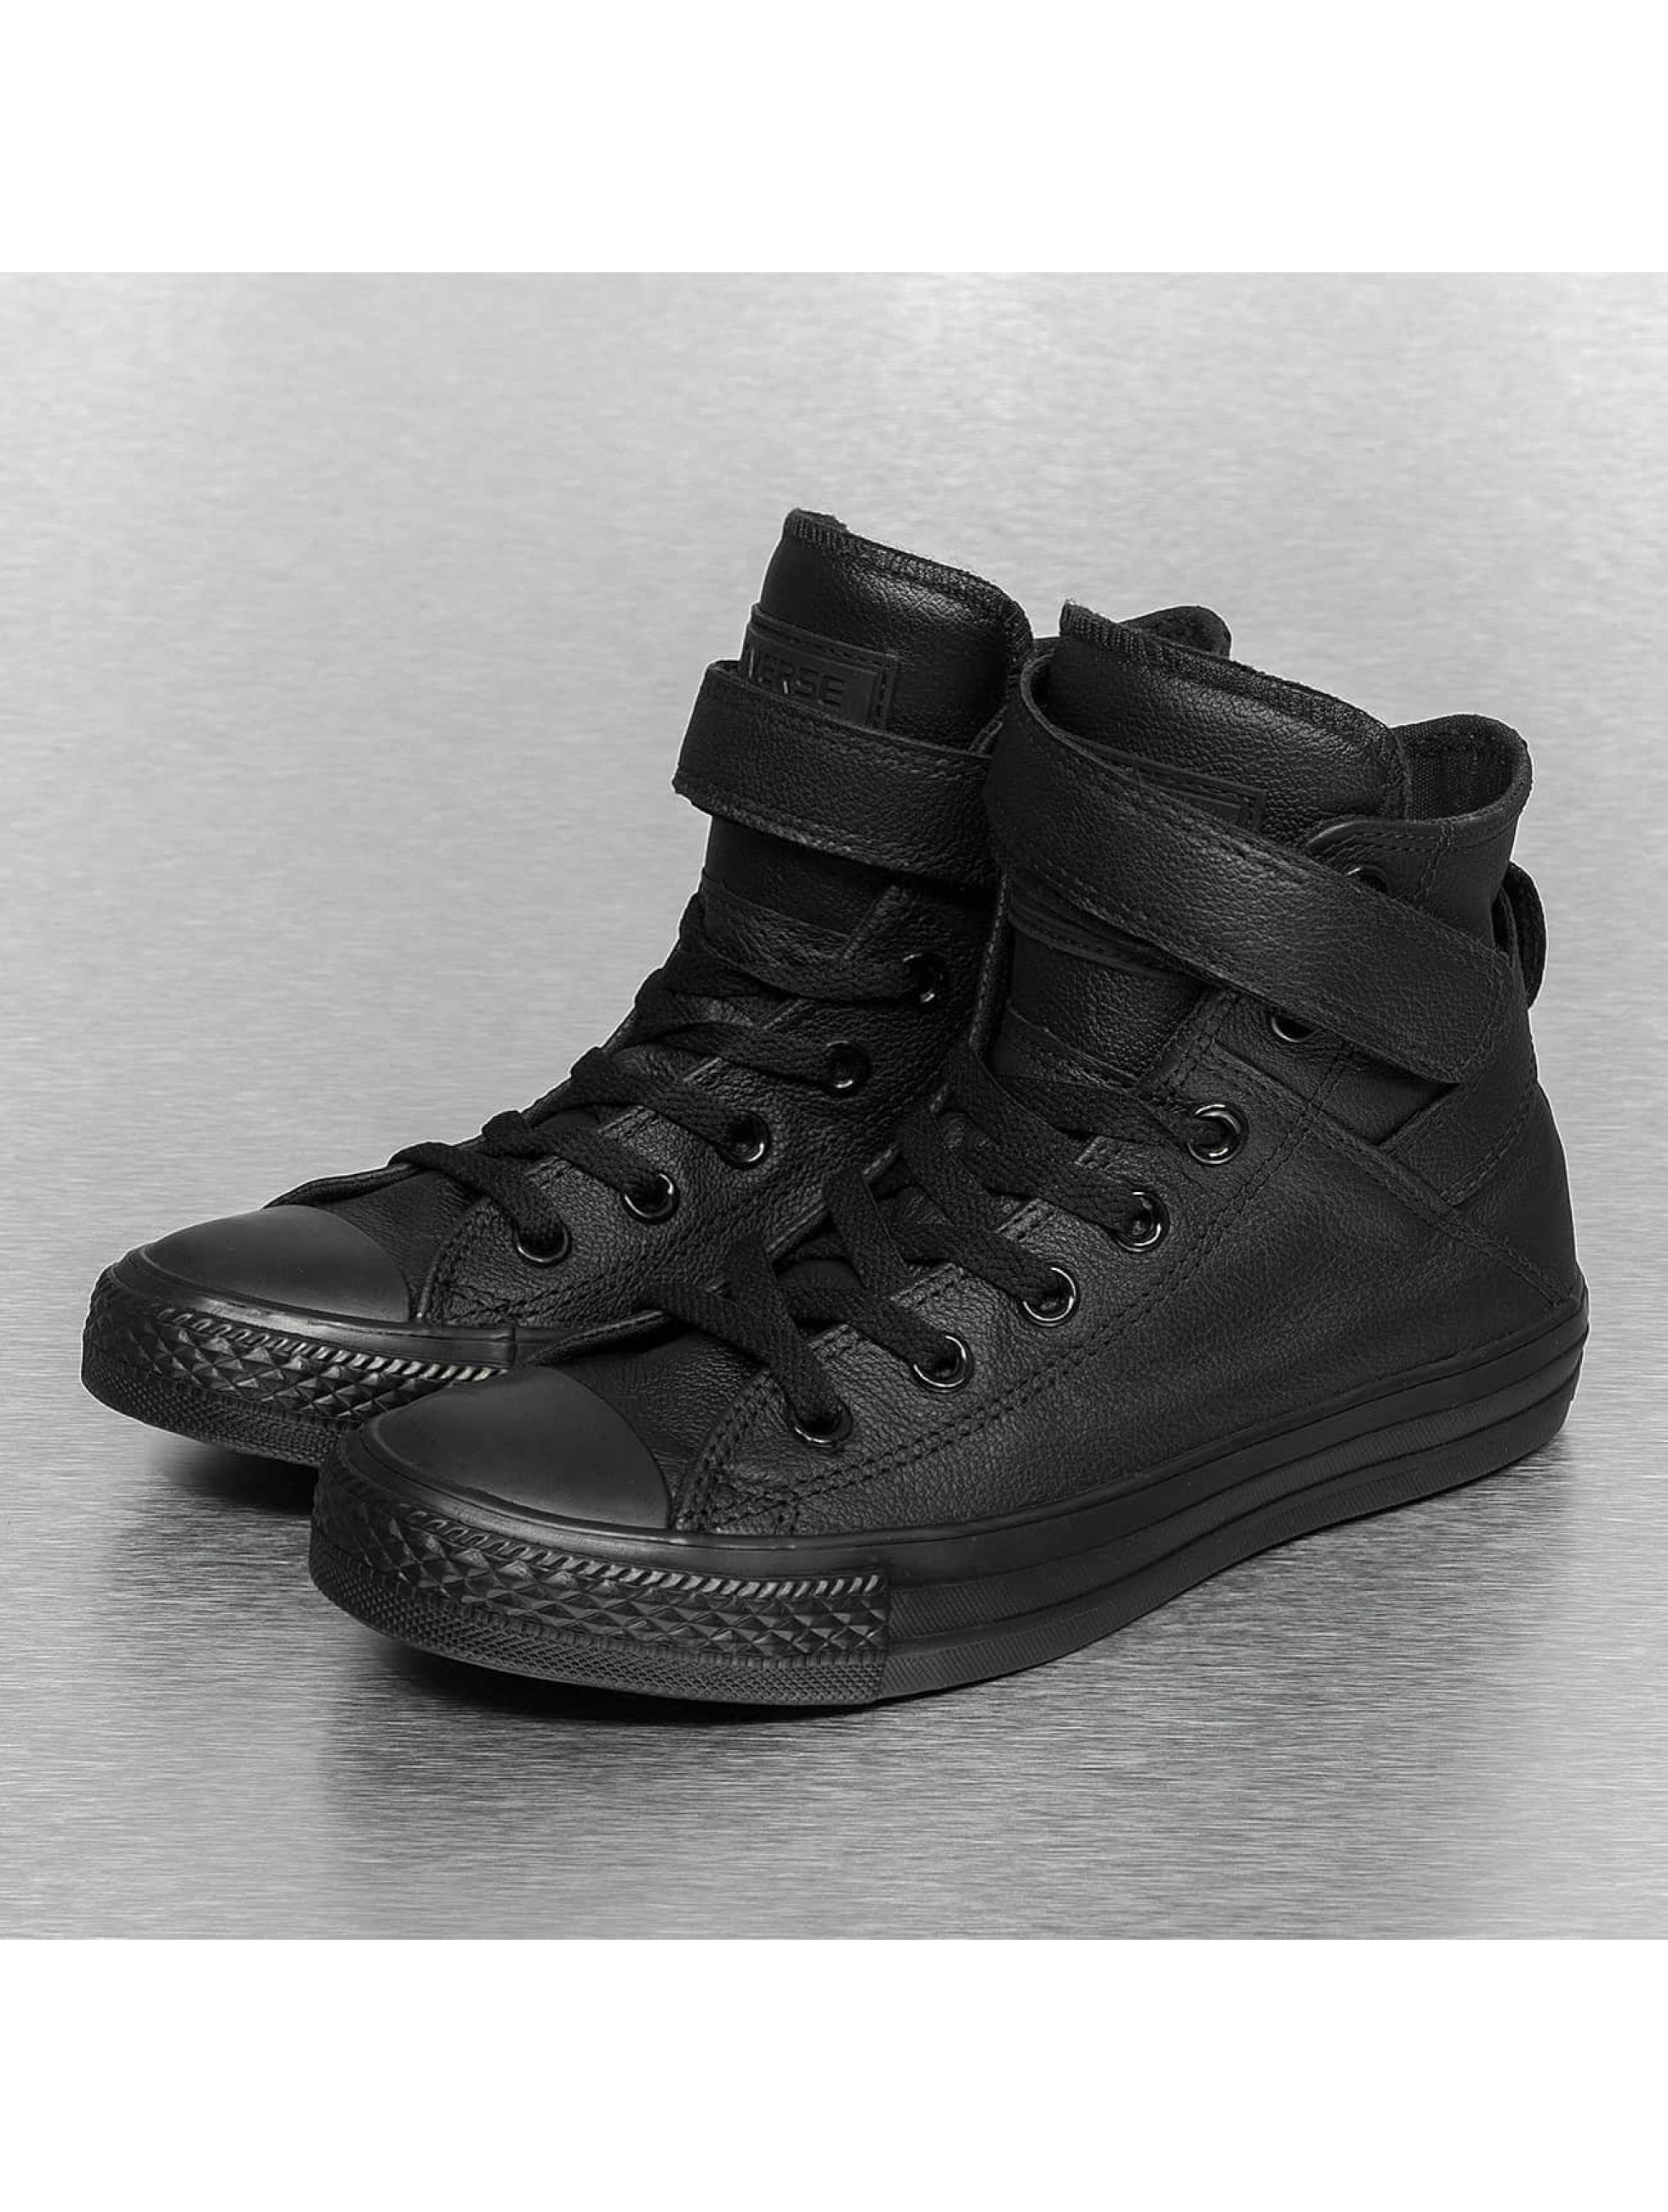 Converse Schoenen Leder